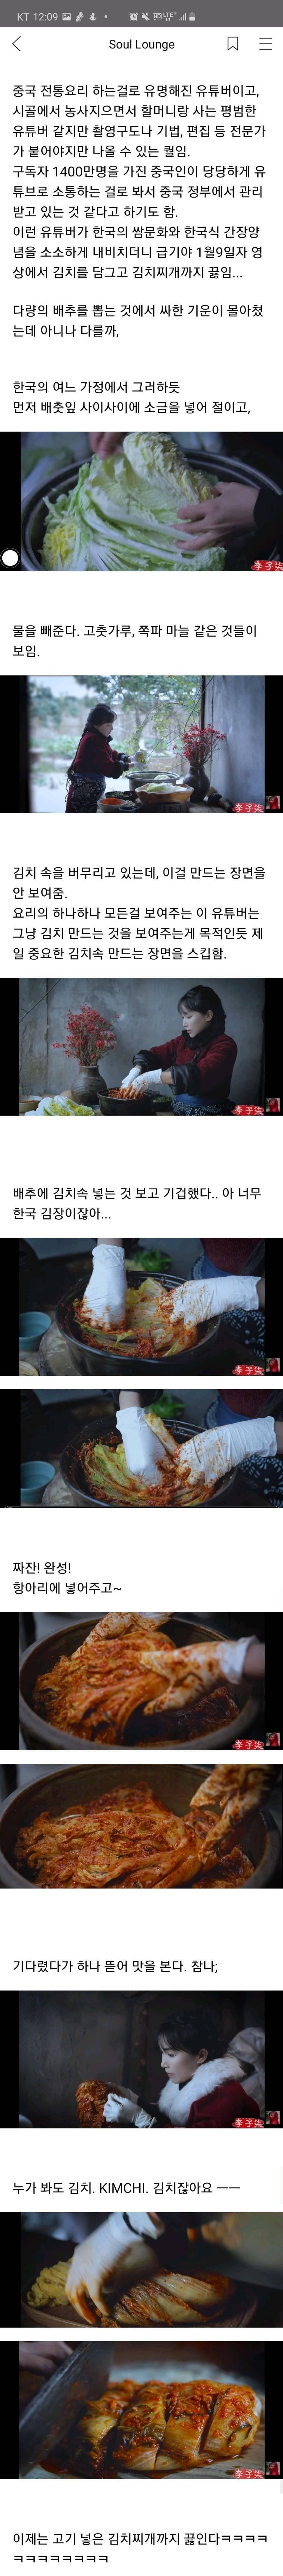 중국에서 유명한 전통음식 만드는 유튜버 | 인스티즈